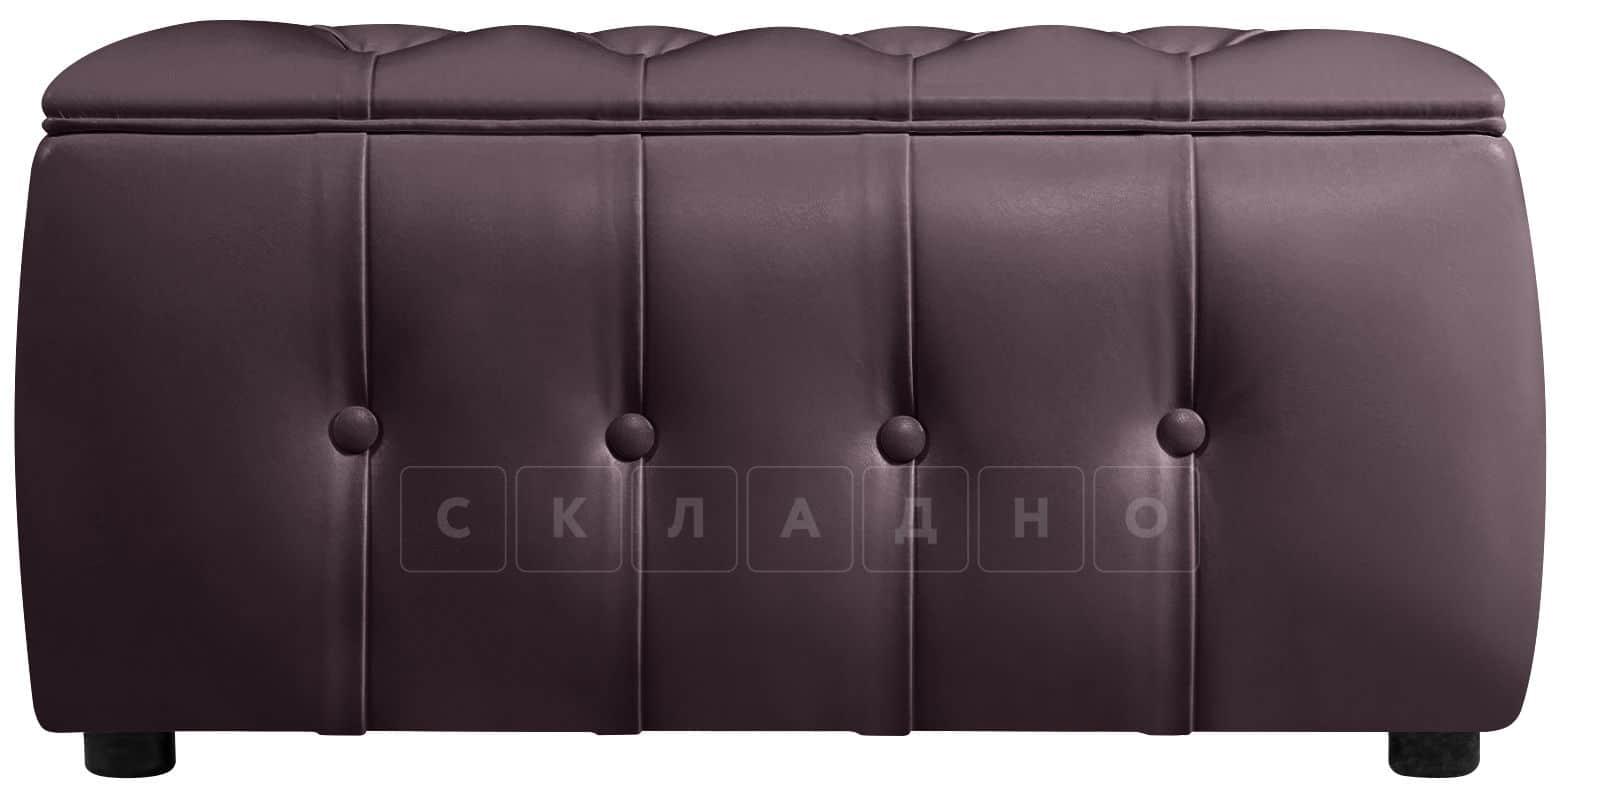 Пуф Малибу двухместный шоколадного цвета фото 2   интернет-магазин Складно